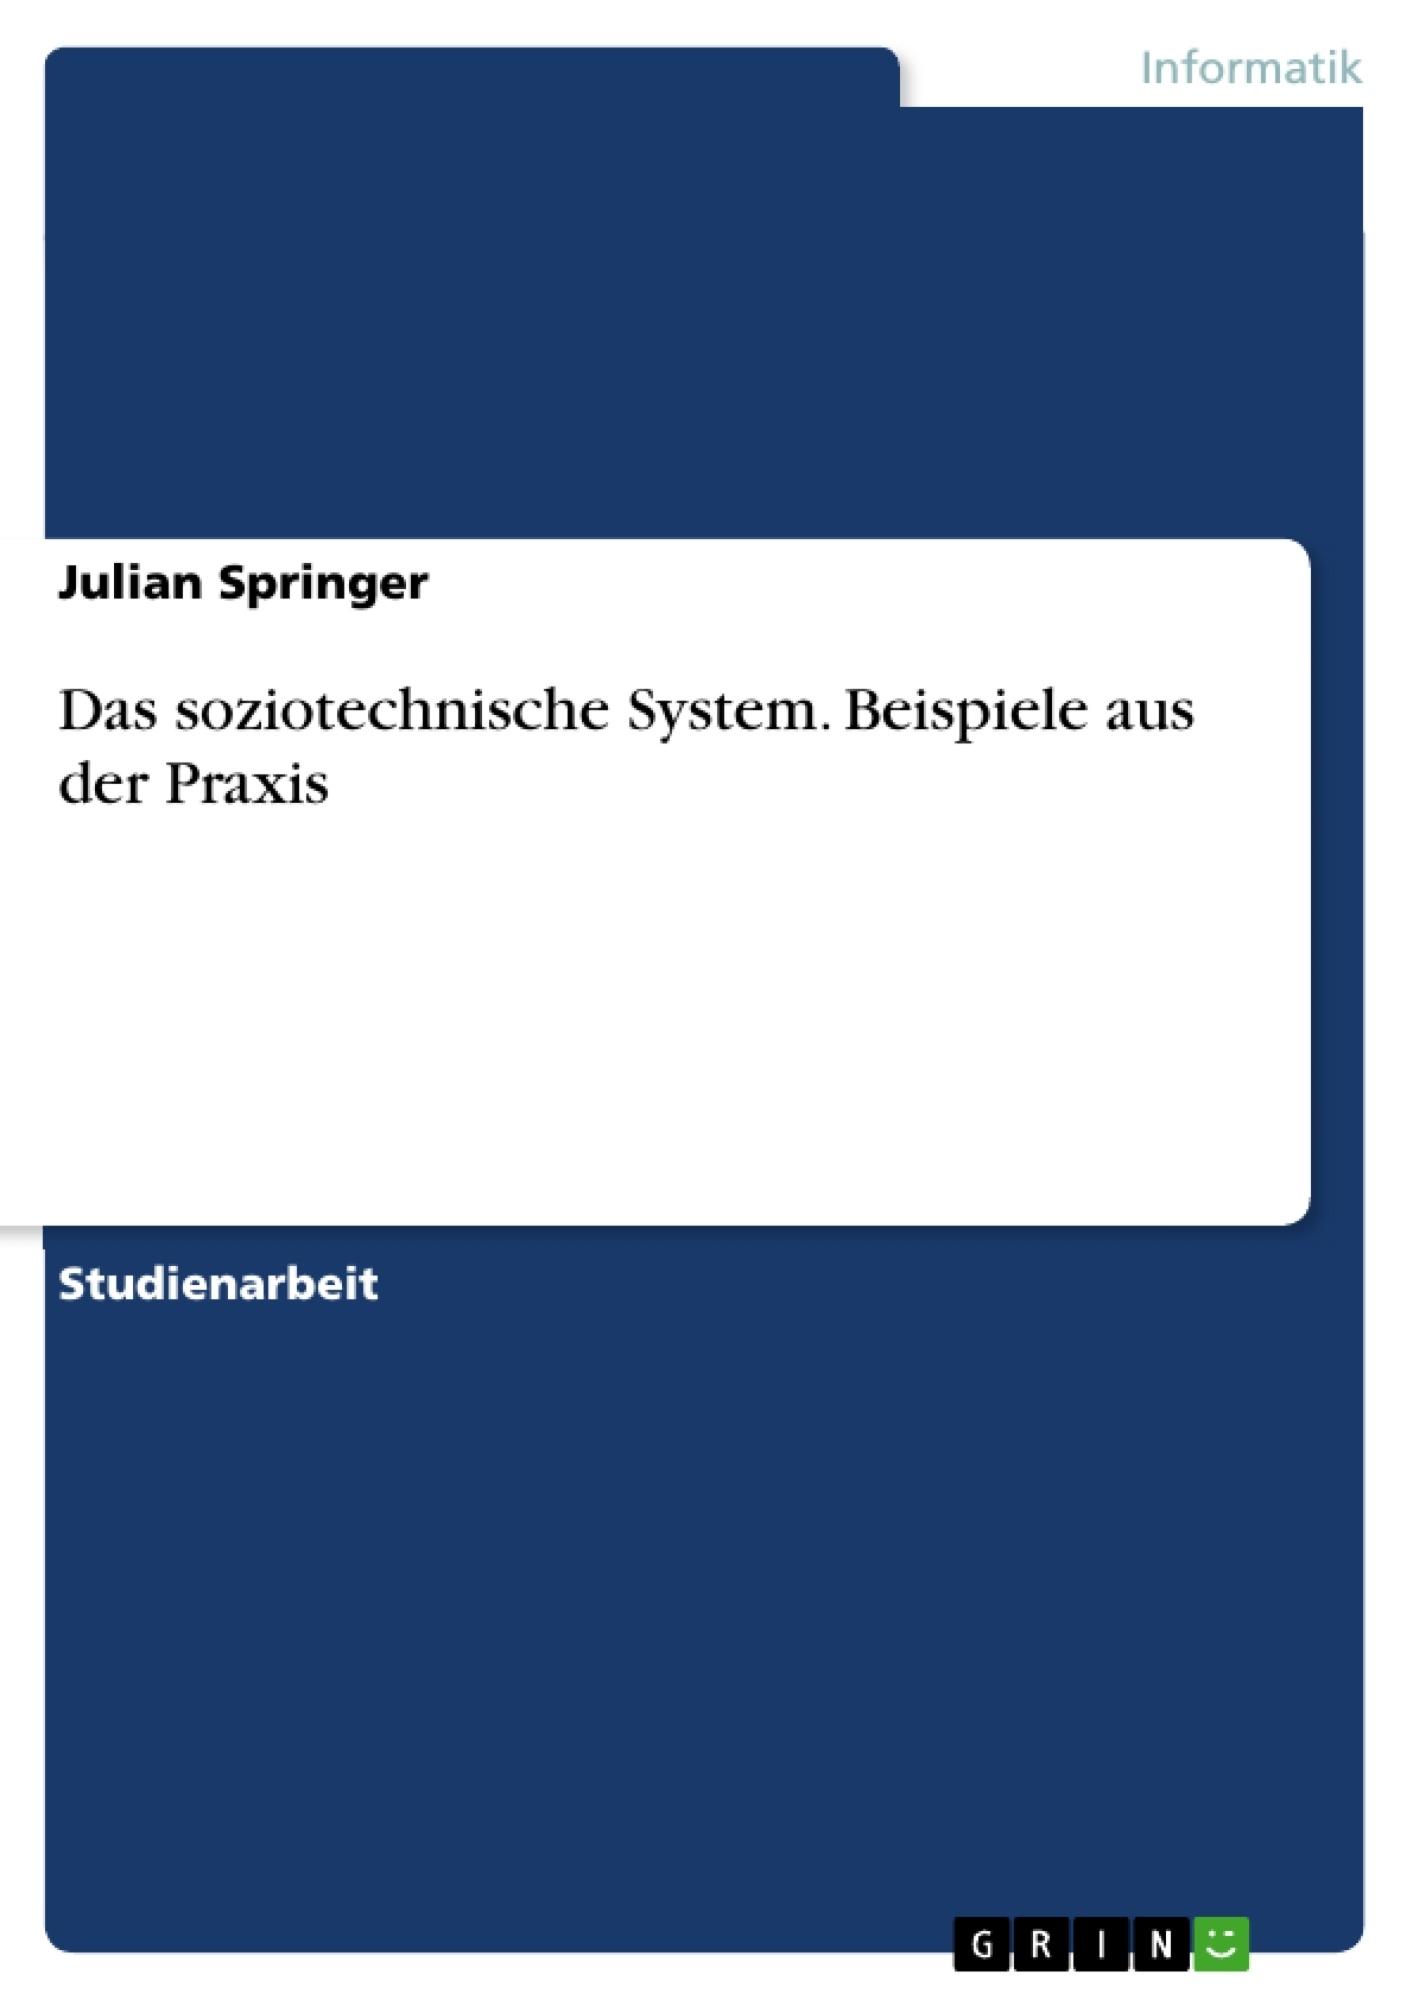 Titel: Das soziotechnische System. Beispiele aus der Praxis